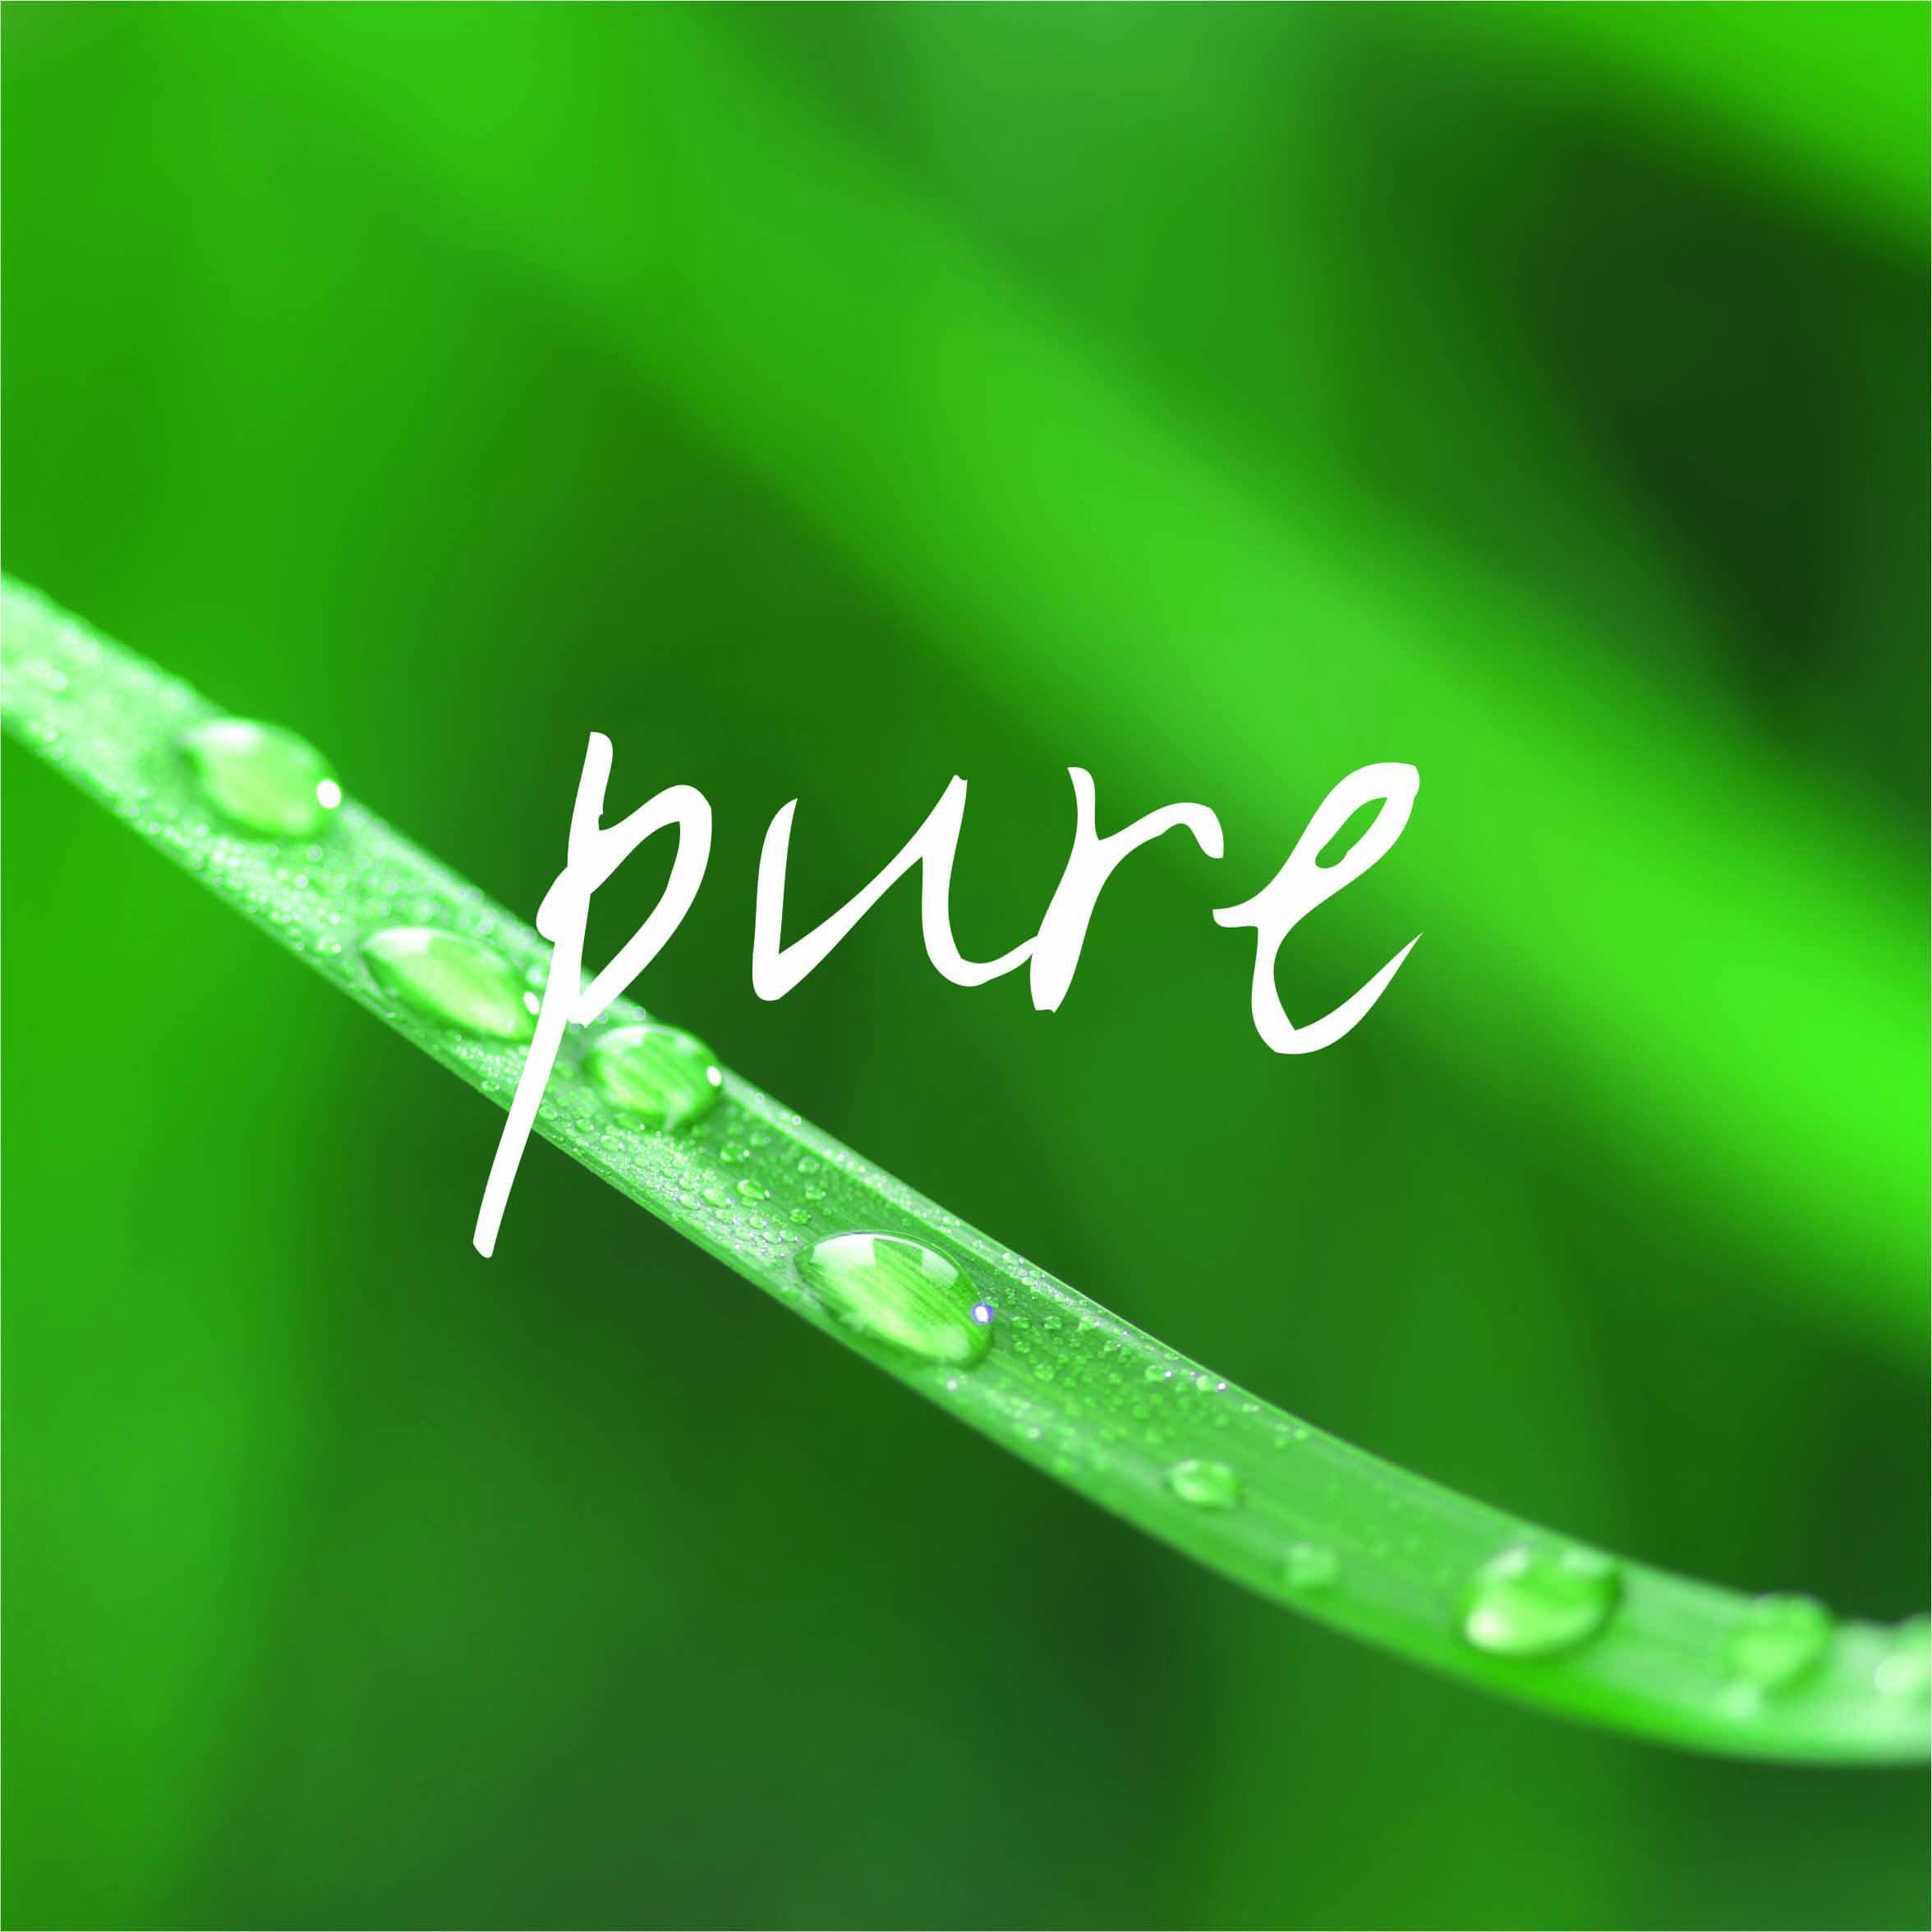 Die nachhaltige Marke Papstars Pure steht für Produkte aus nachwachsenden Rohstoffen, die auch biologisch abbaubar sind.